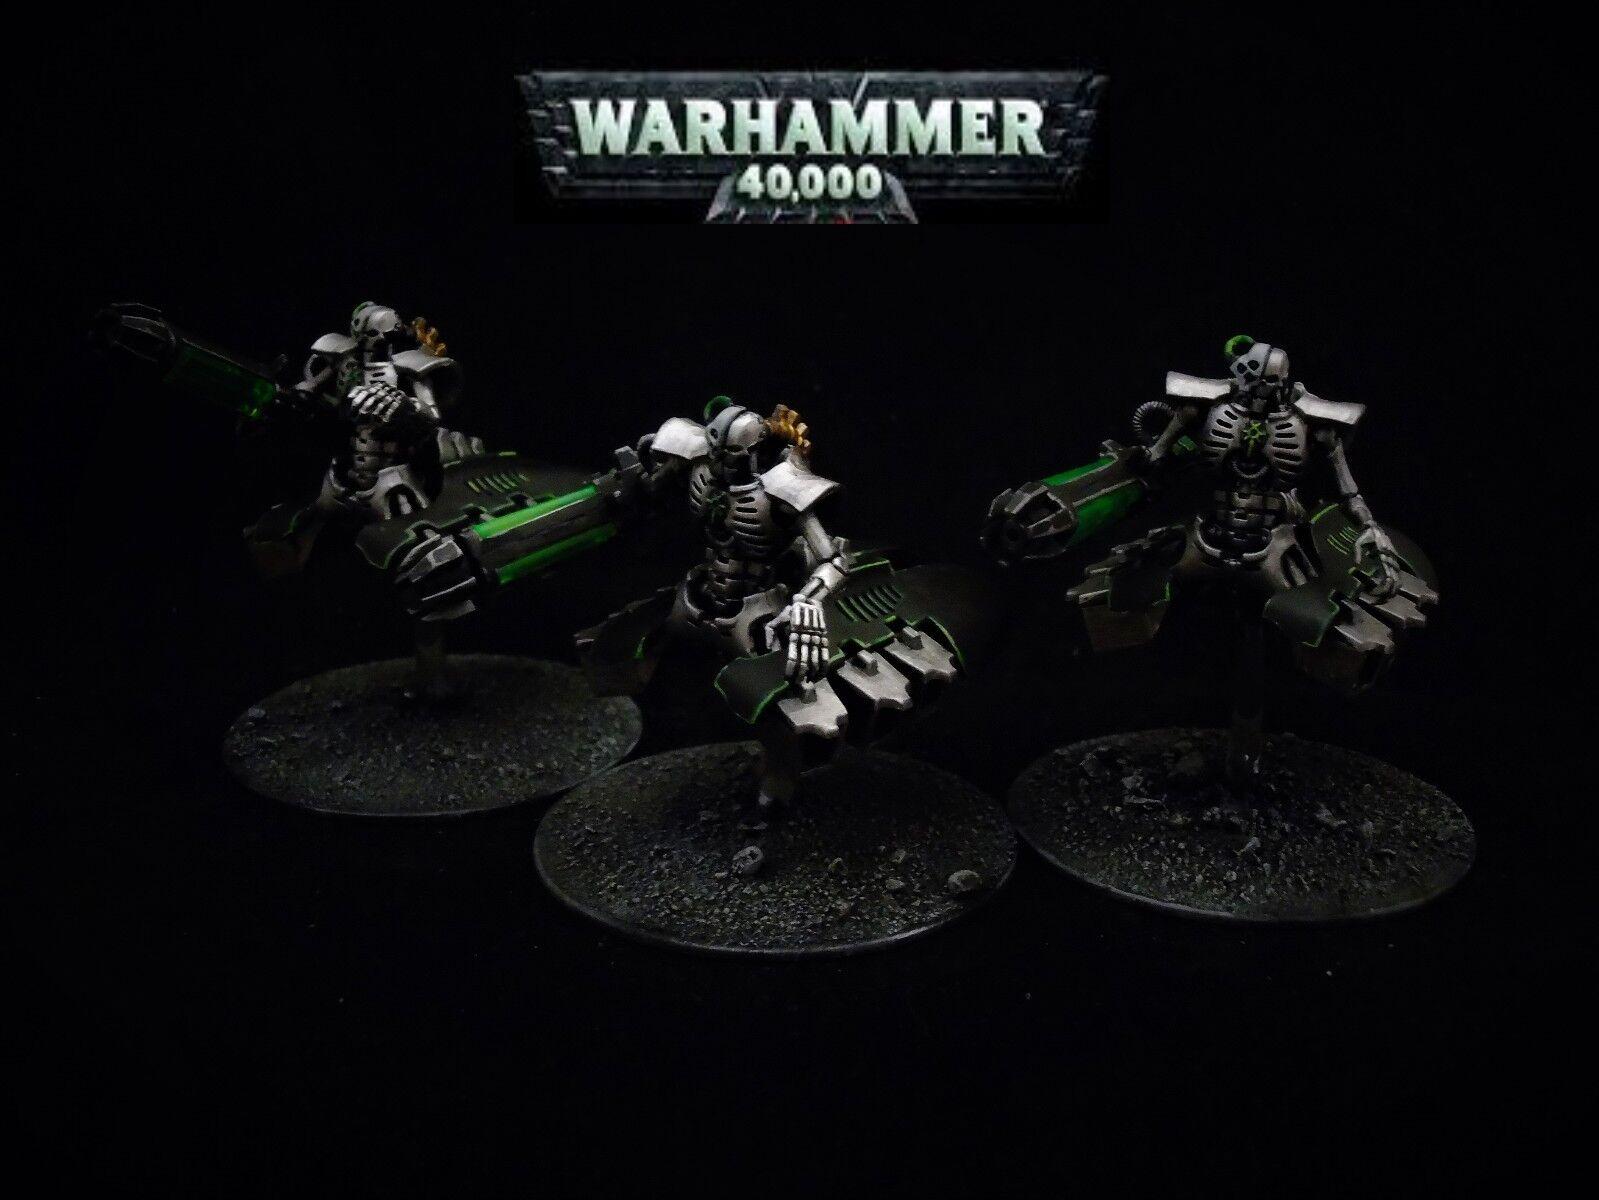 Warhammer 40,000 Necron Destroyers x 3 Pro Painted